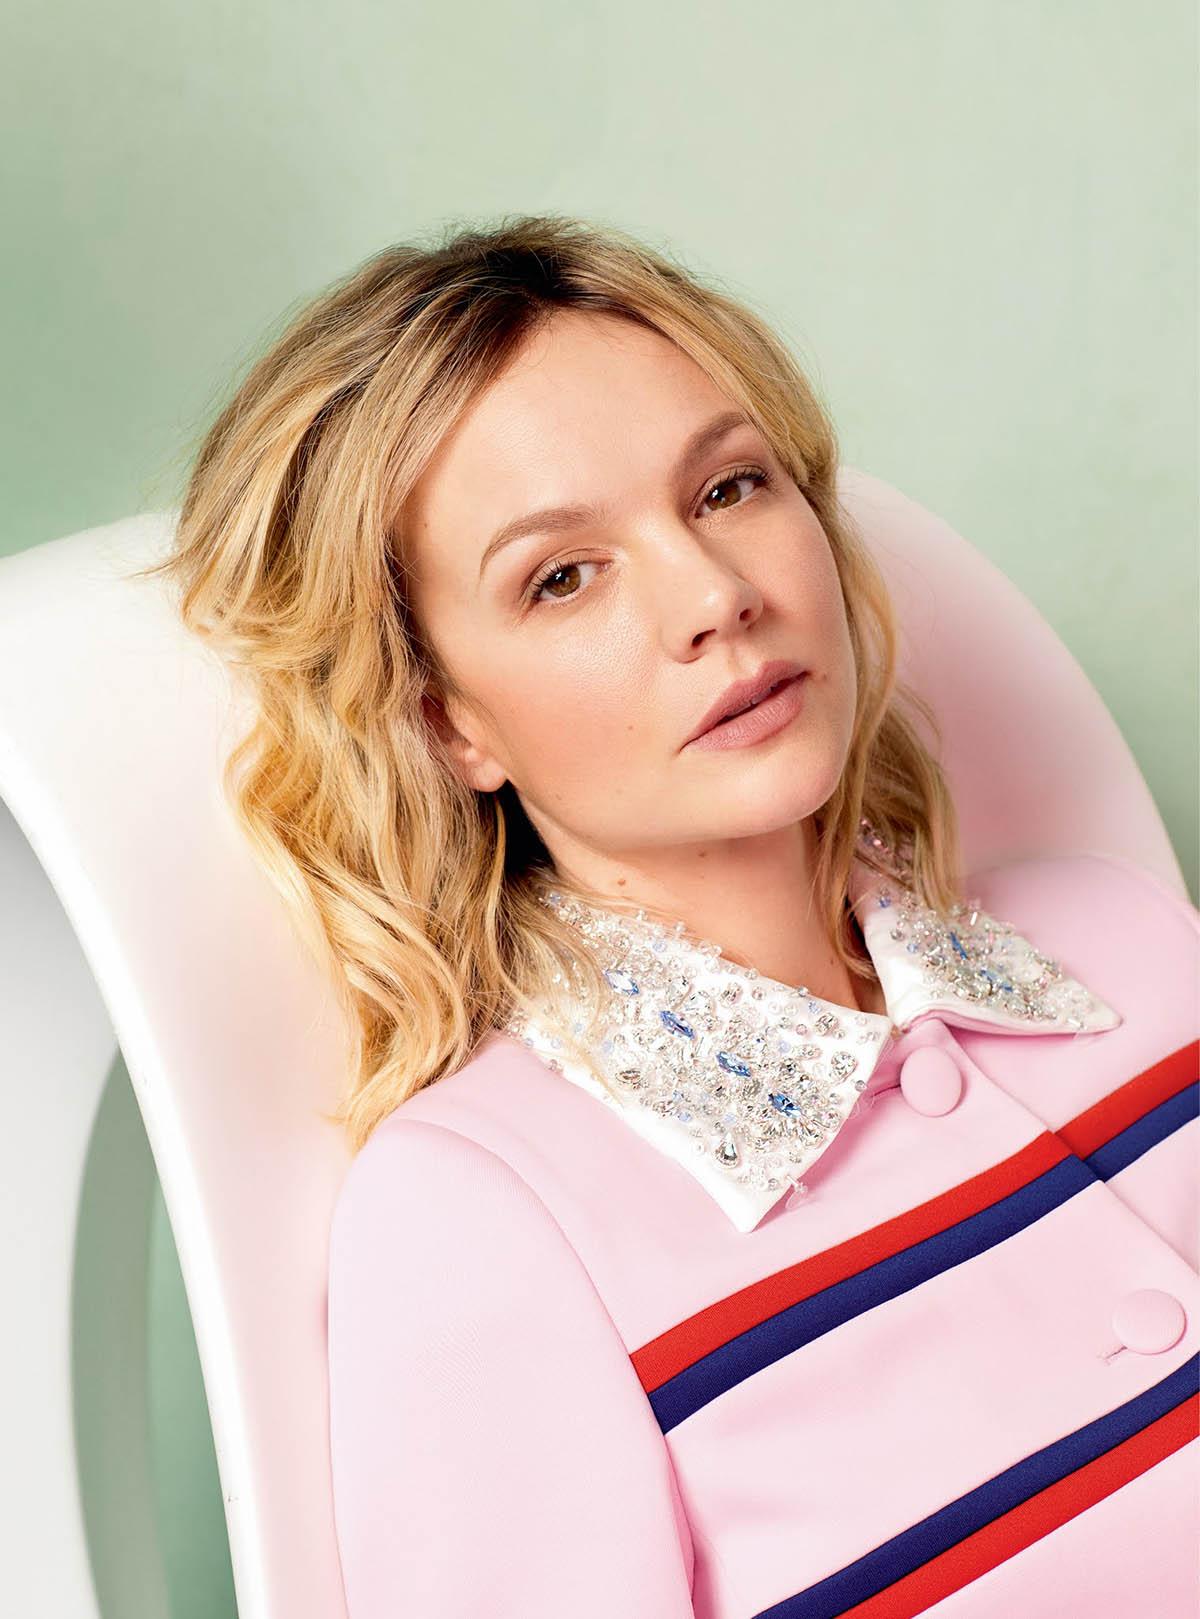 Carey Mulligan covers Harper's Bazaar UK March 2021 by Quentin Jones